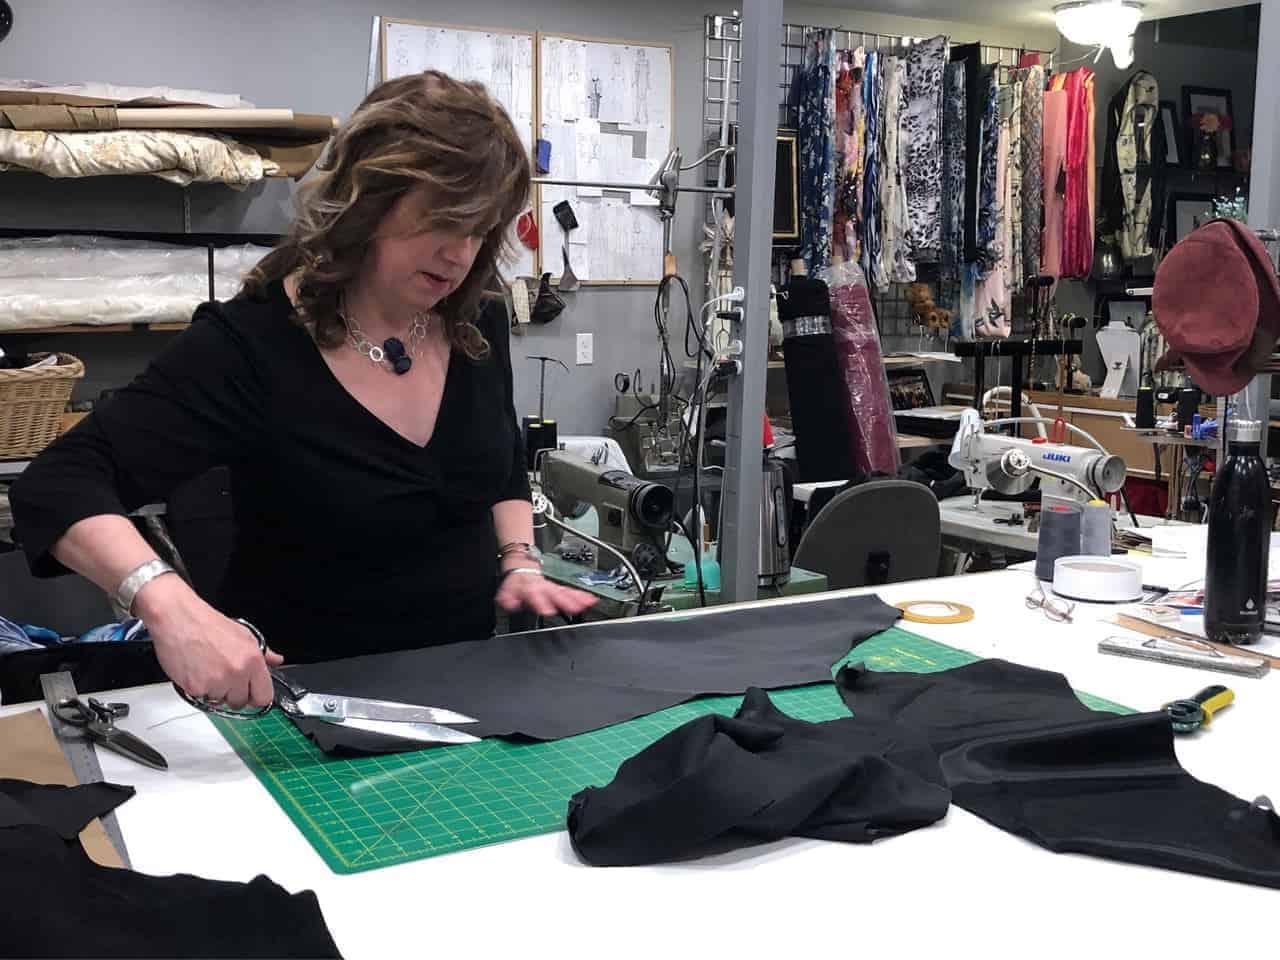 Cheryl sew cuts -